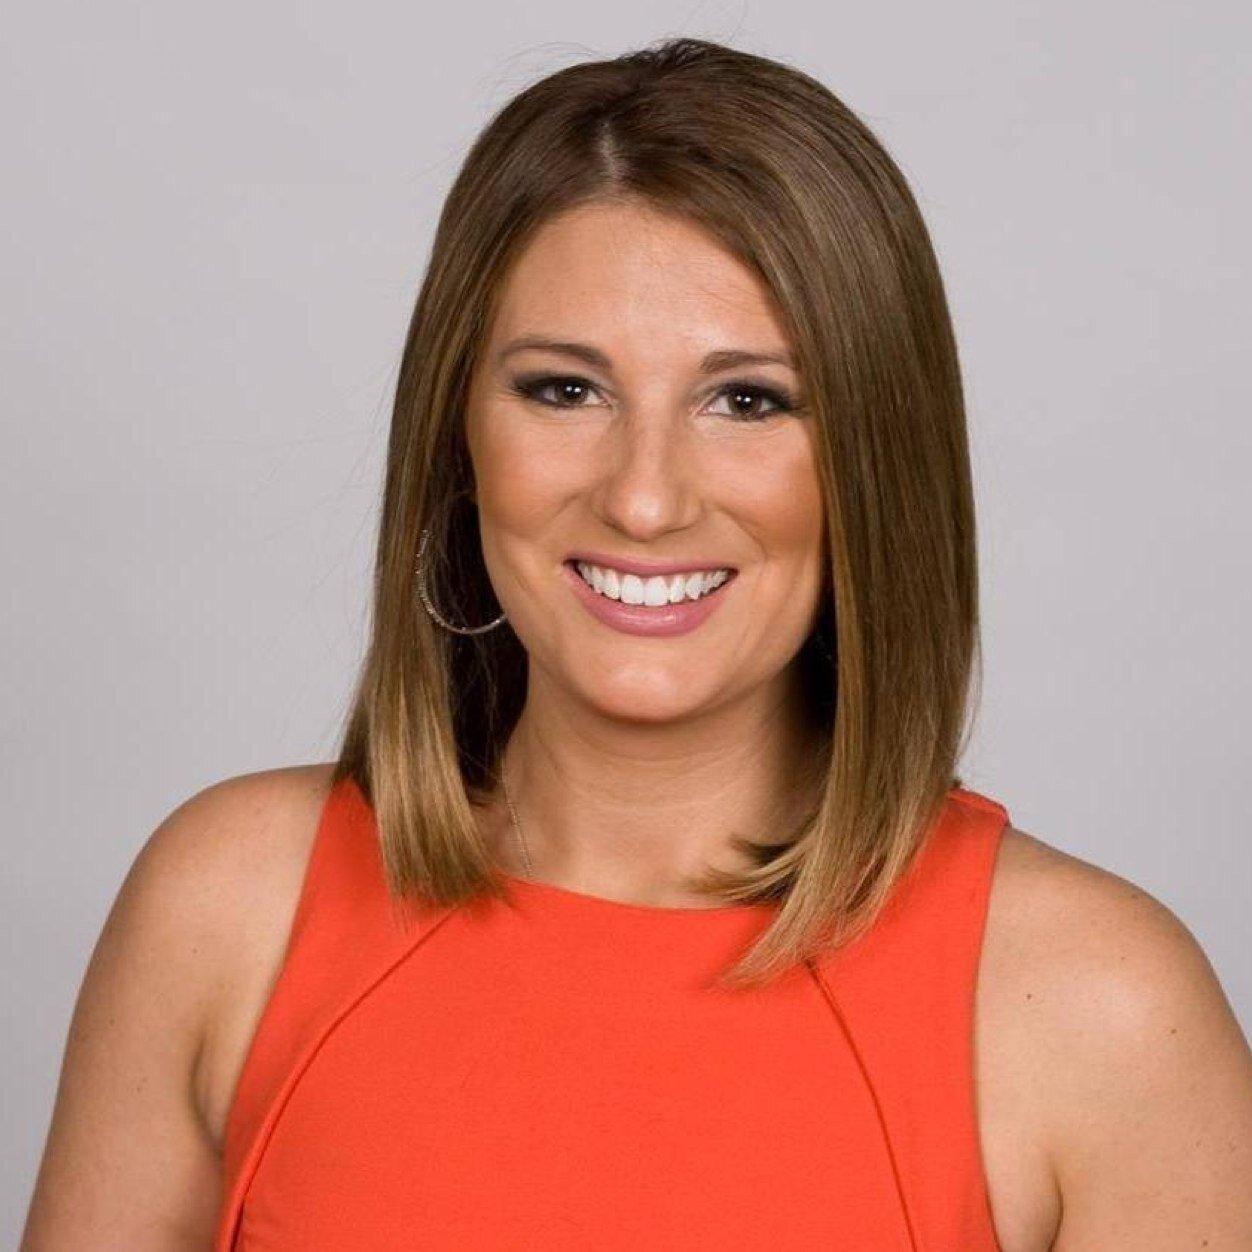 Kimberly Gebbia